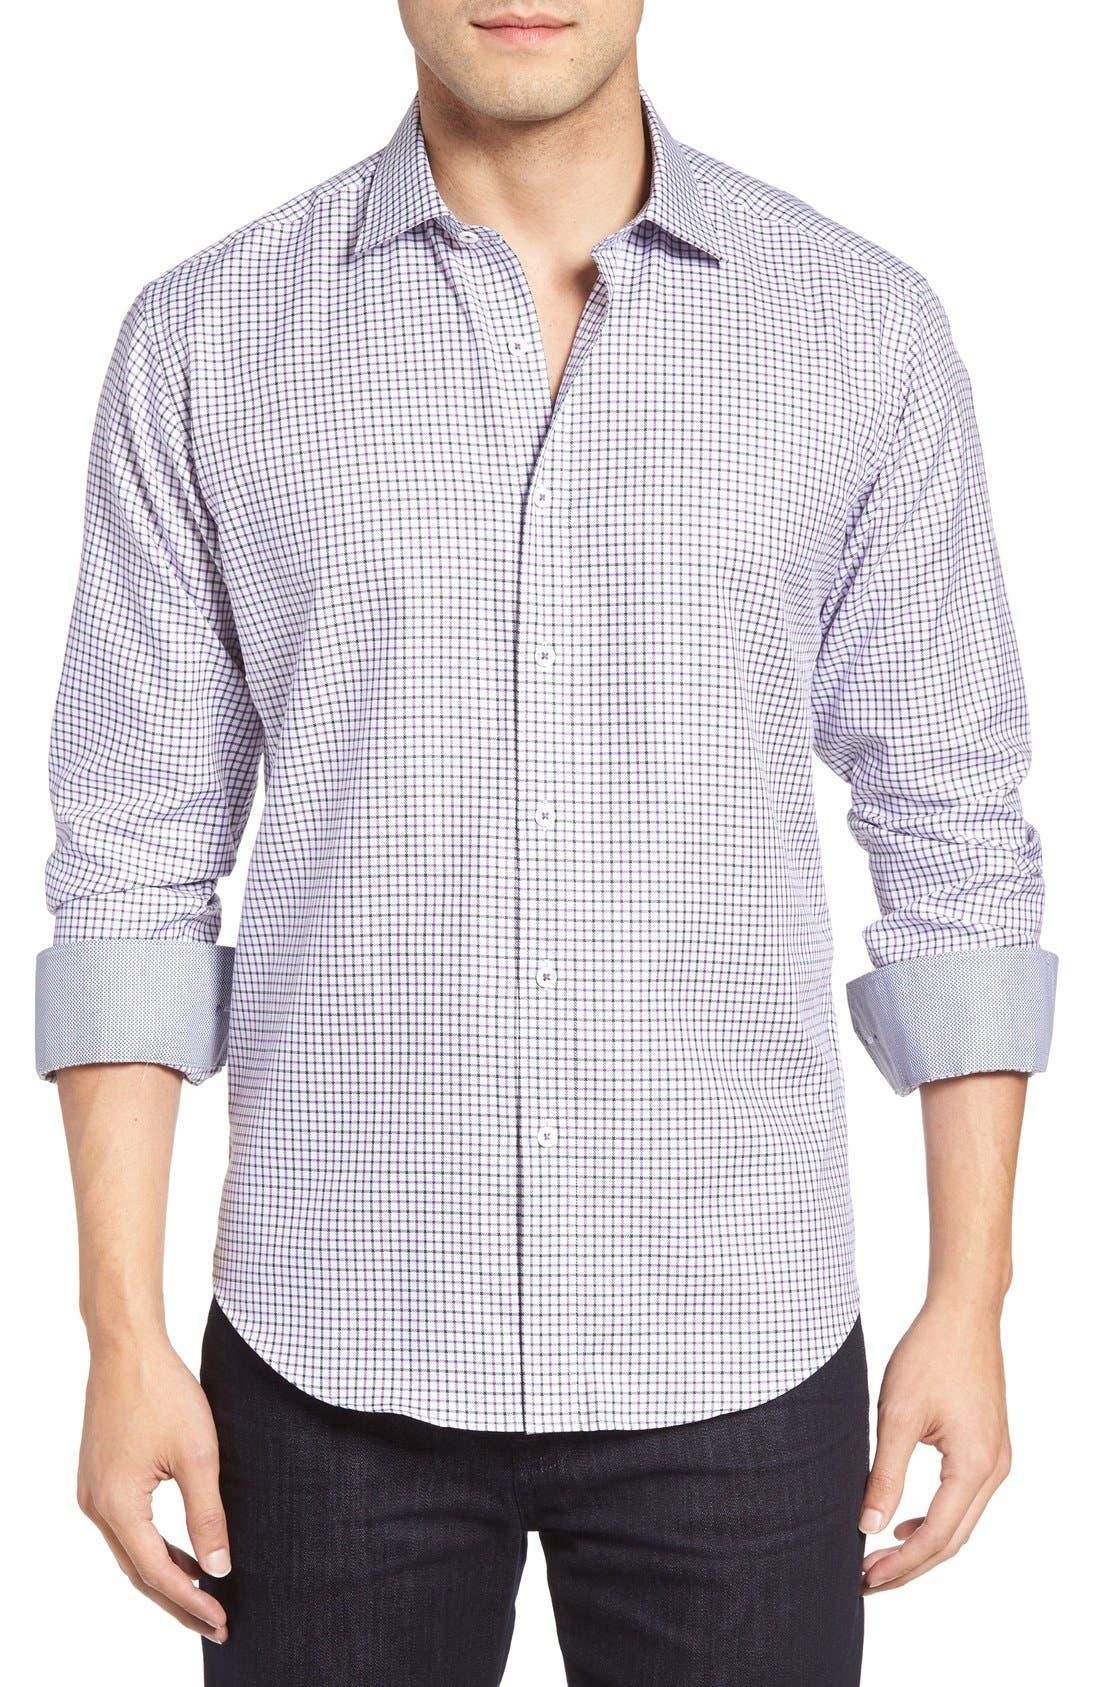 Main Image - Bugatchi Shaped Fit Tattersall Sport Shirt